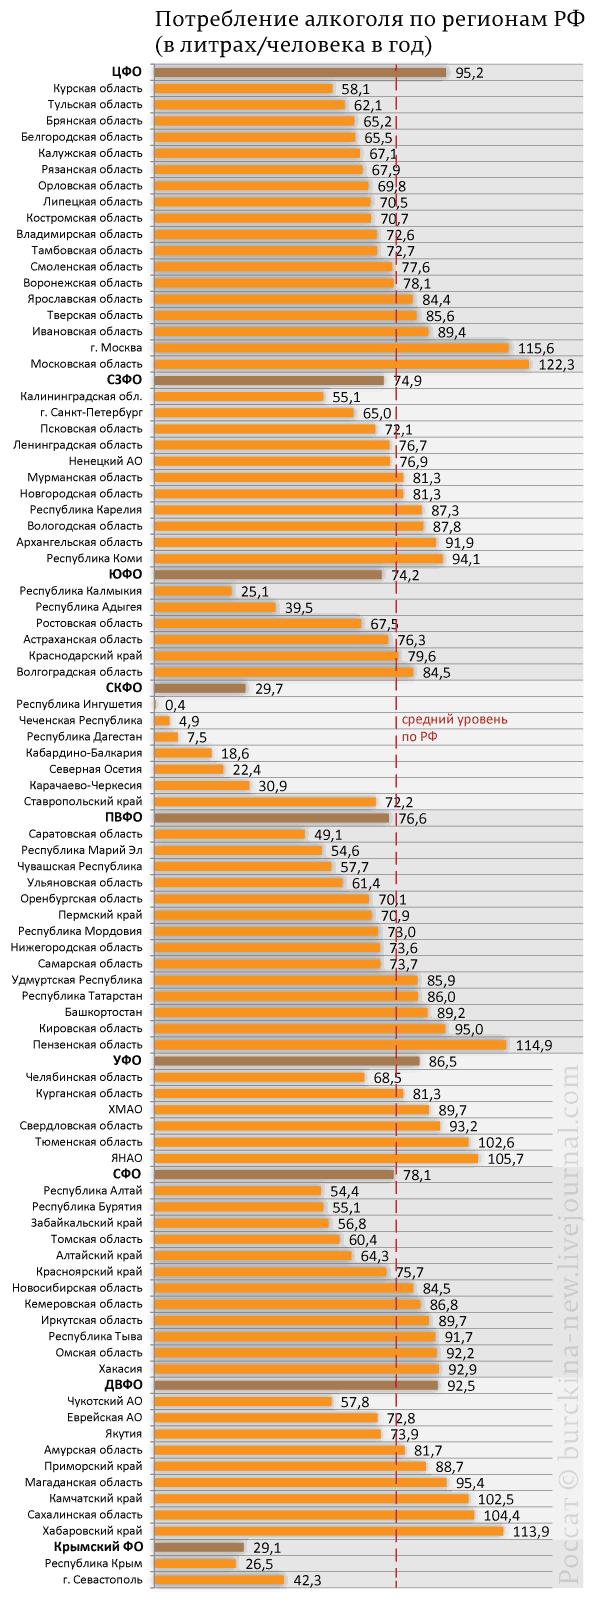 Потребление-алкоголя-по-регионам-РФ